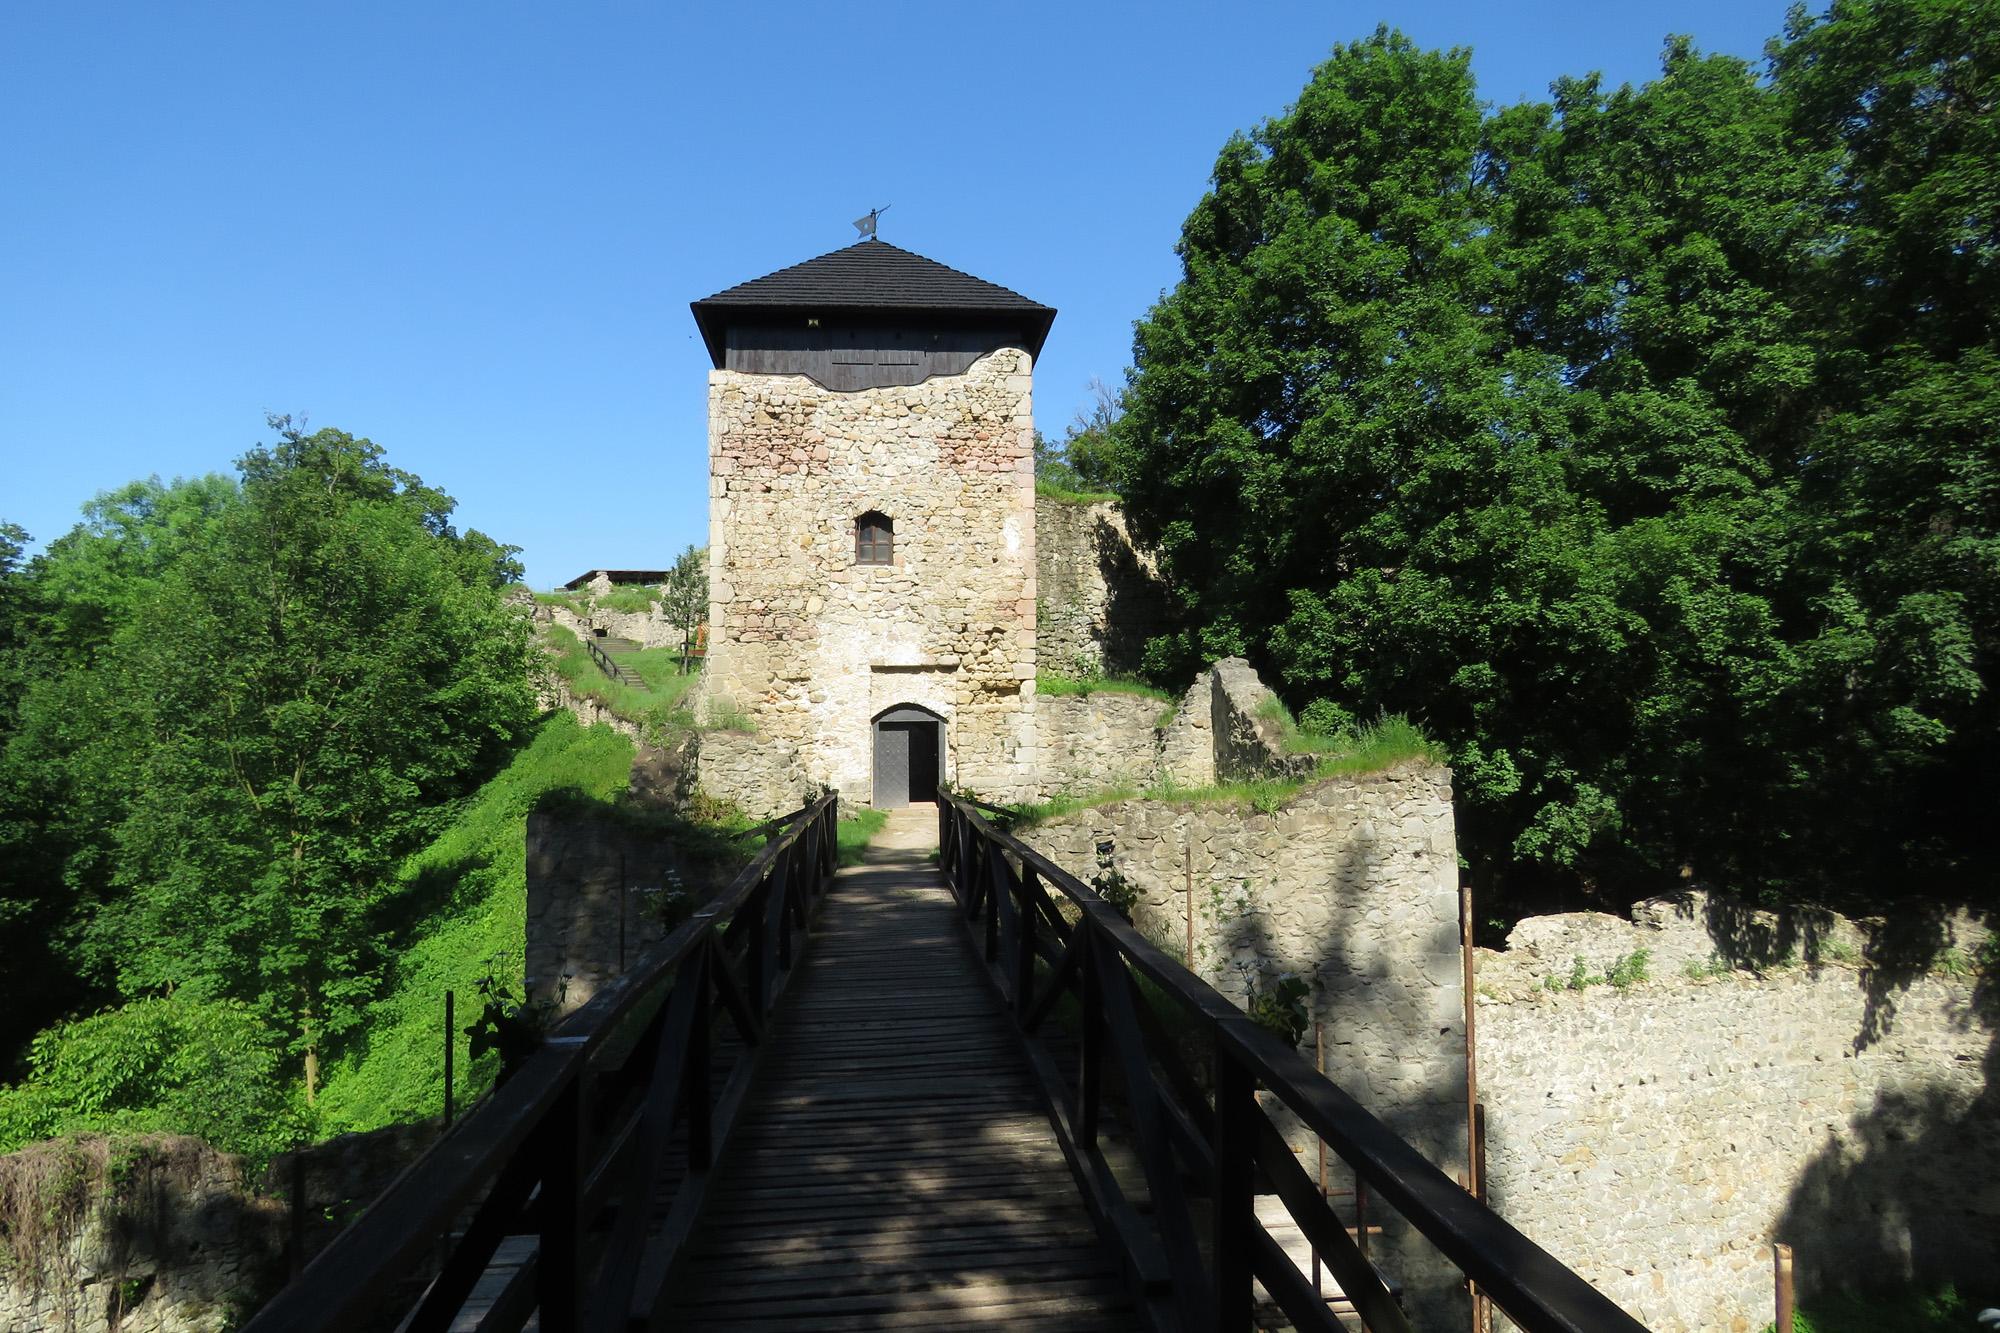 Na hradním mostě - Lukov